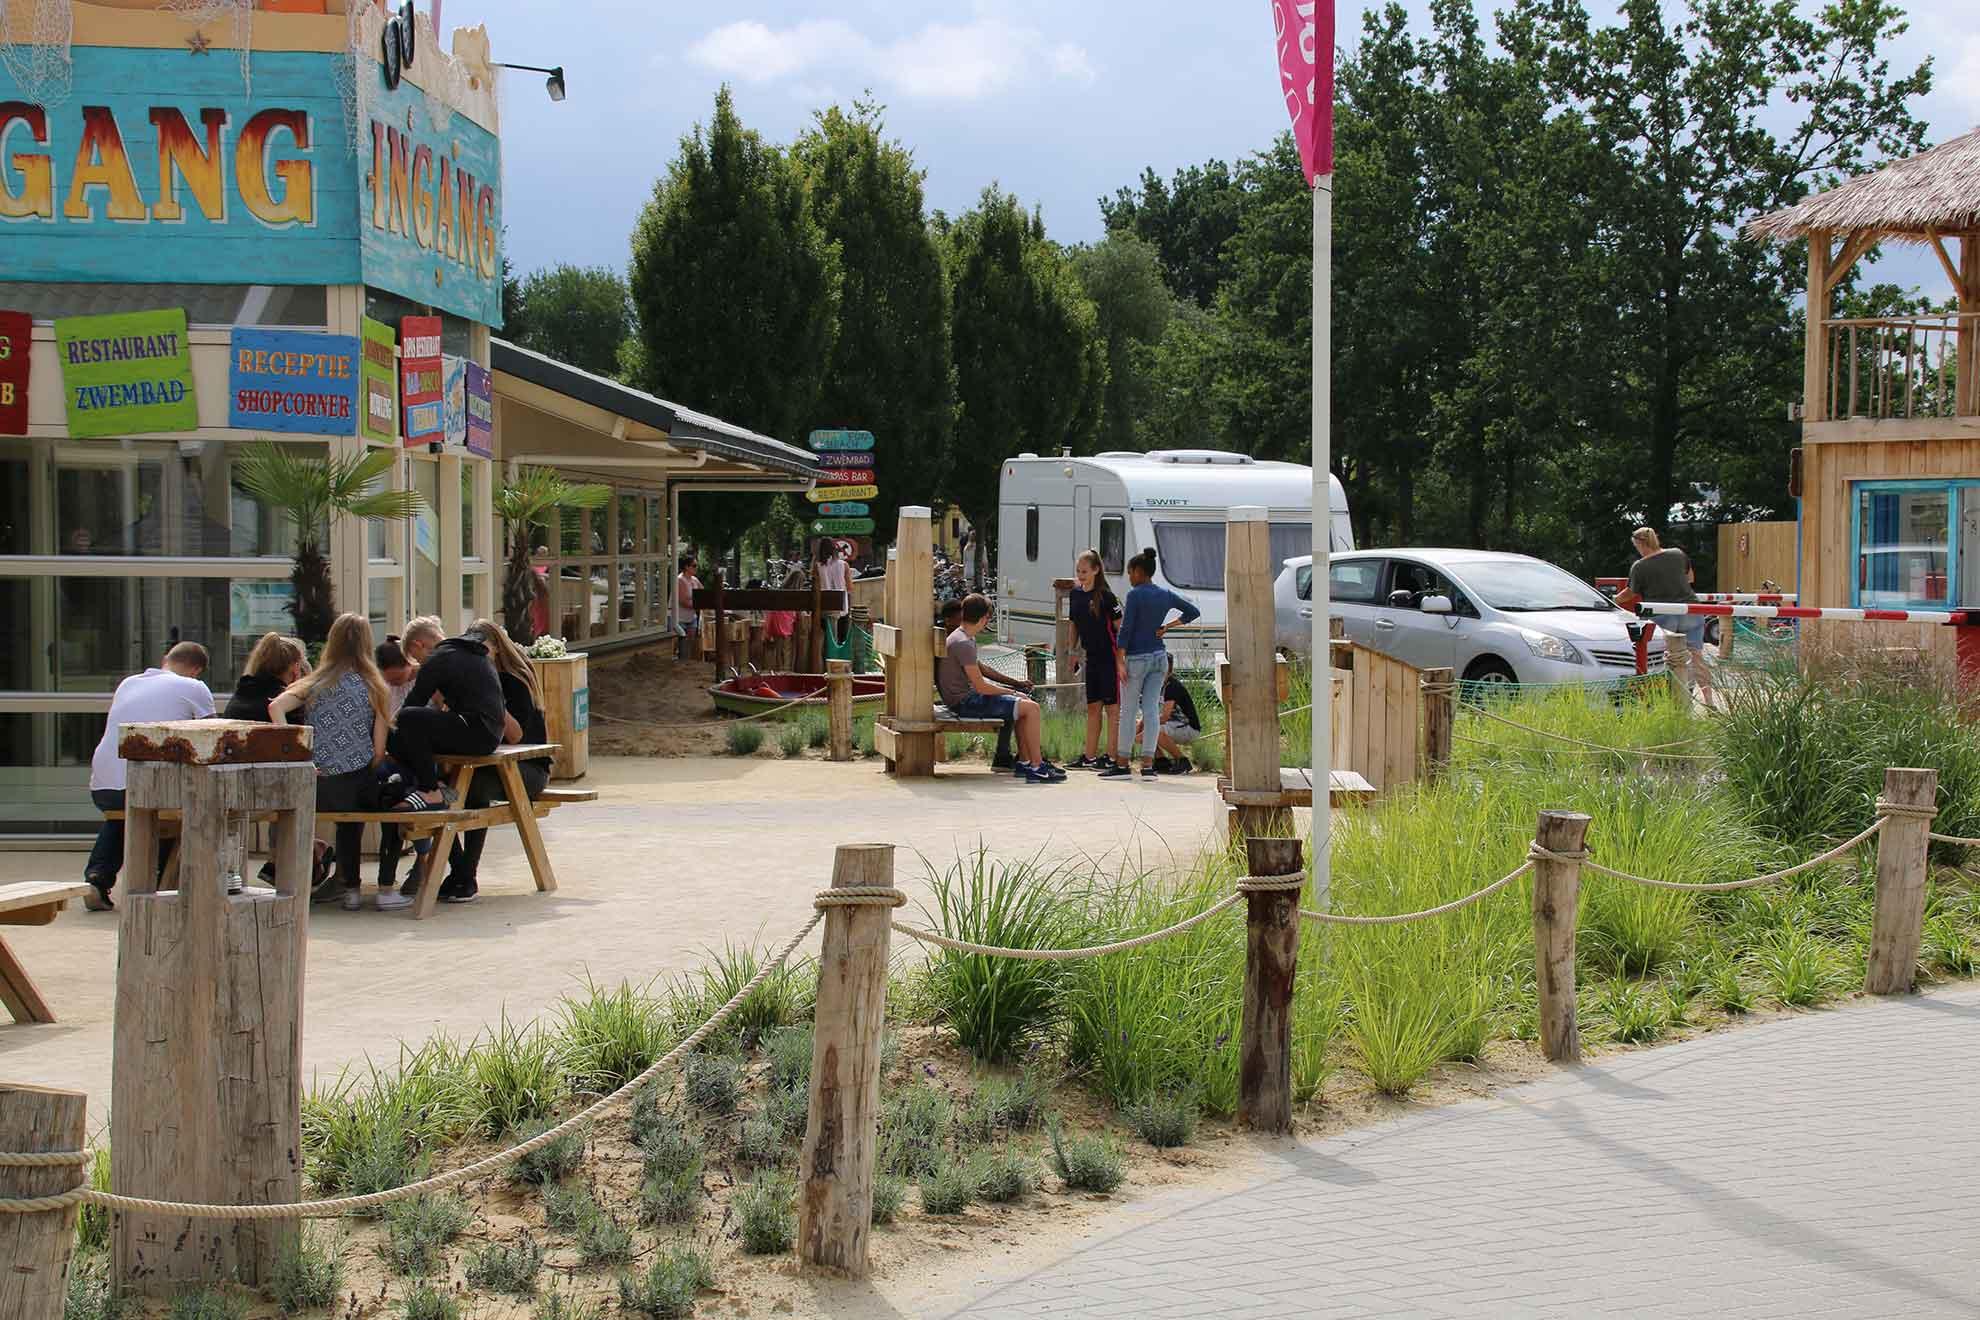 Reiserücktrittsversicherung Ferienpark Het Stoetenslagh - Reiserücktrittsversicherung het Stoetenslagh